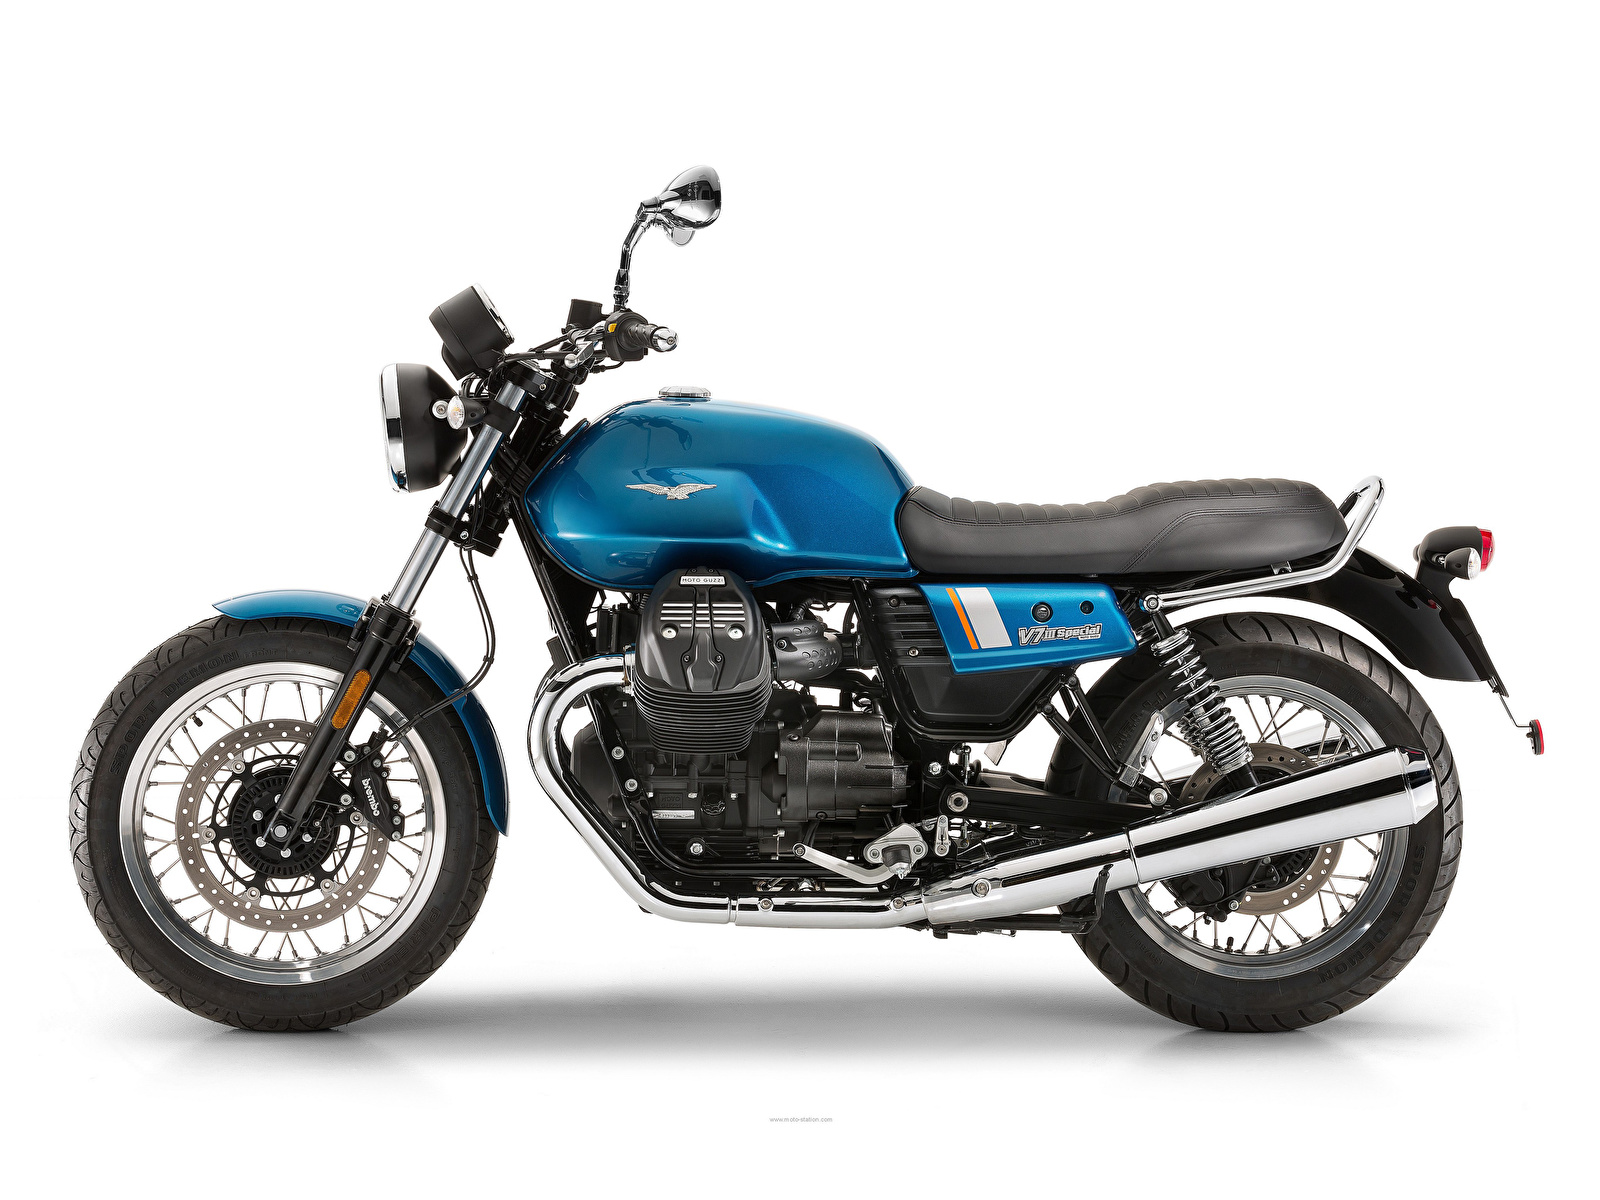 Bilder 2017-20 Moto Guzzi V7 IIl Special Motorrad Seitlich Weißer hintergrund 1600x1200 Motorräder